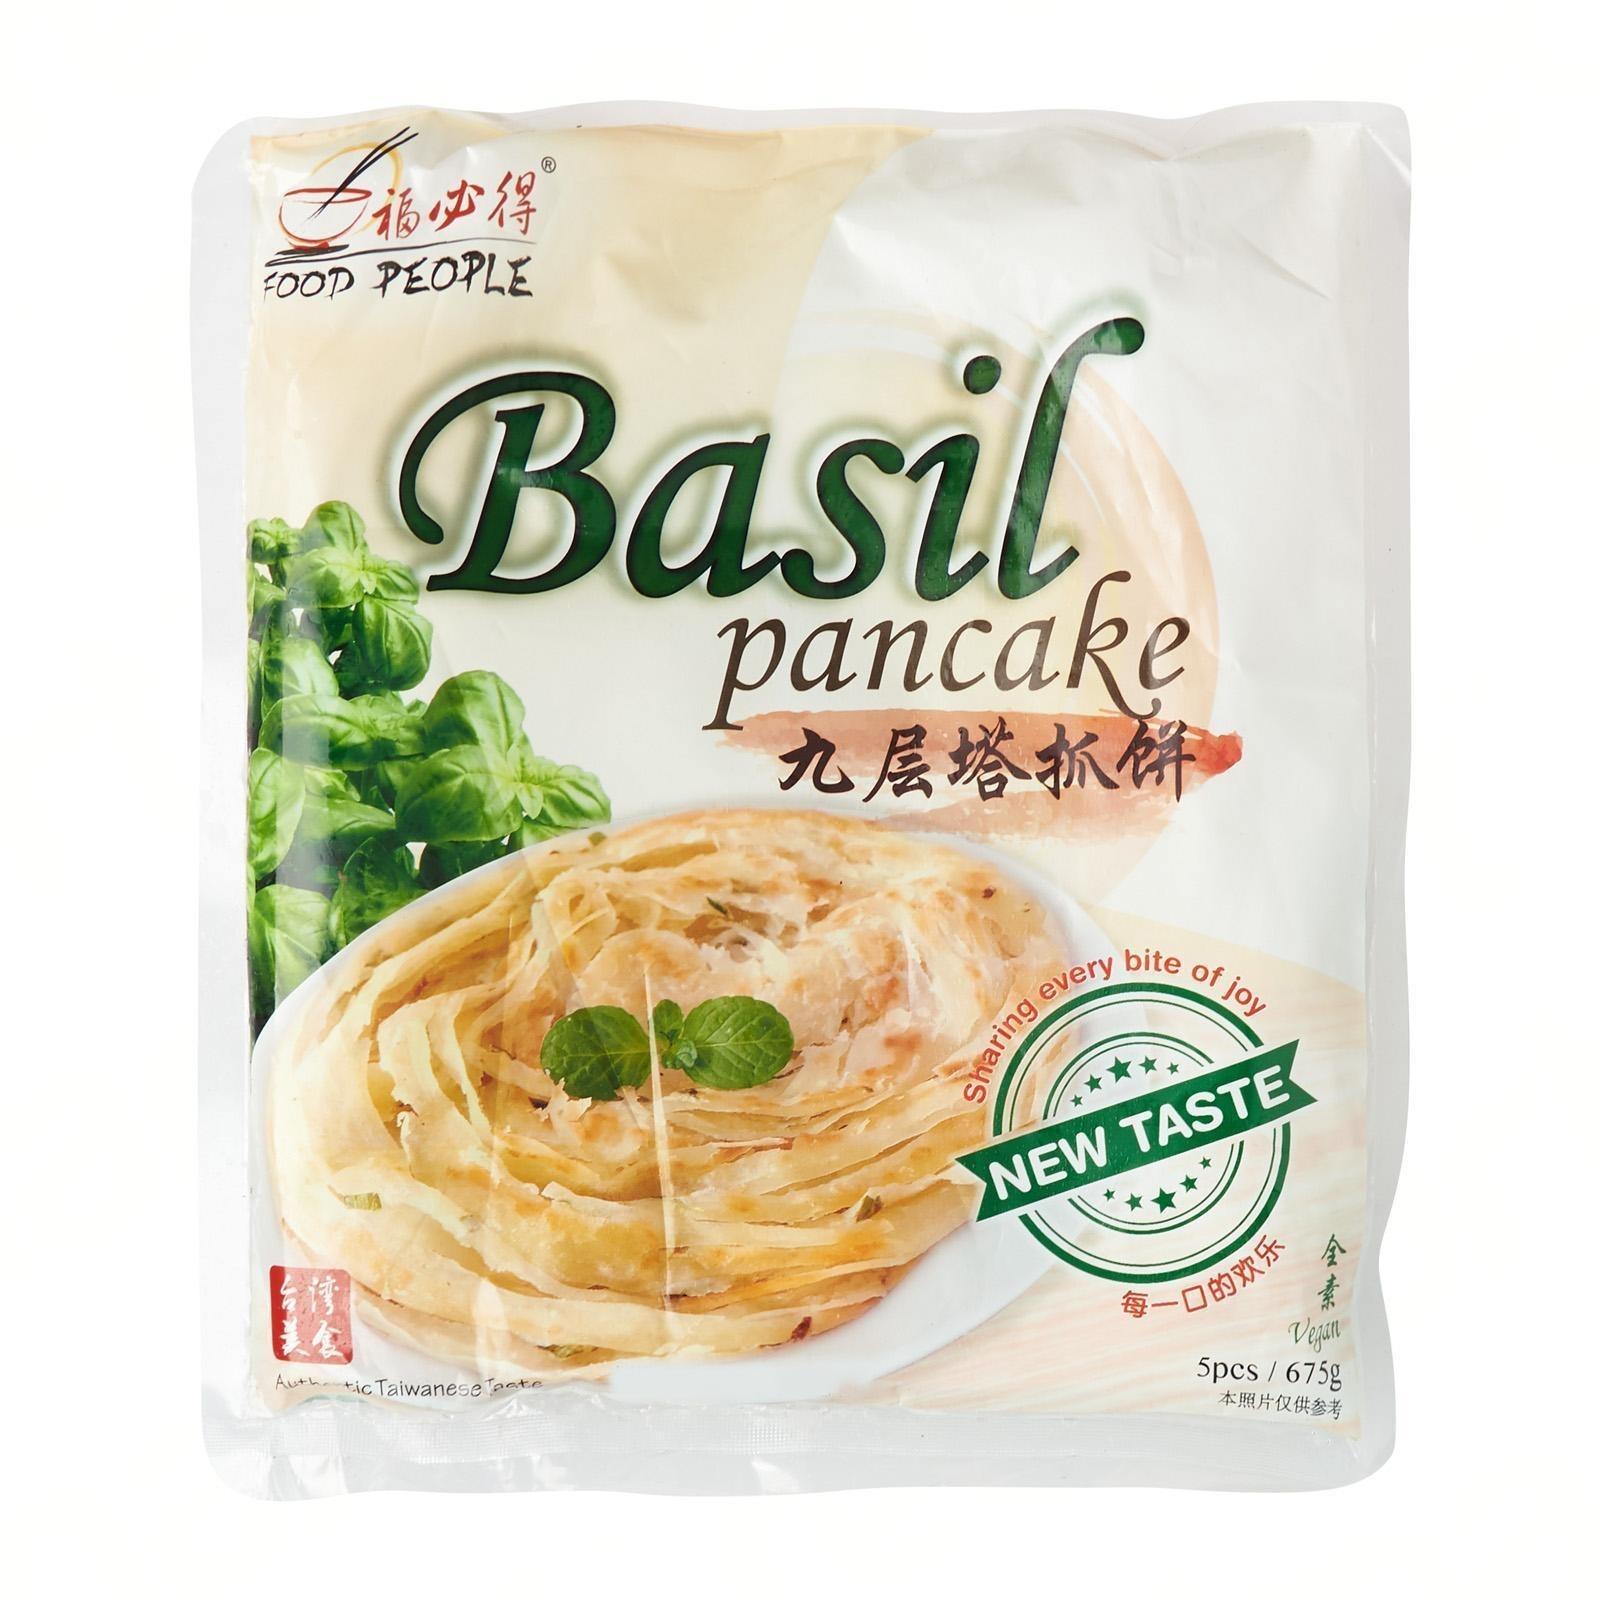 Food People Pancake - Handmade Basil Pancake